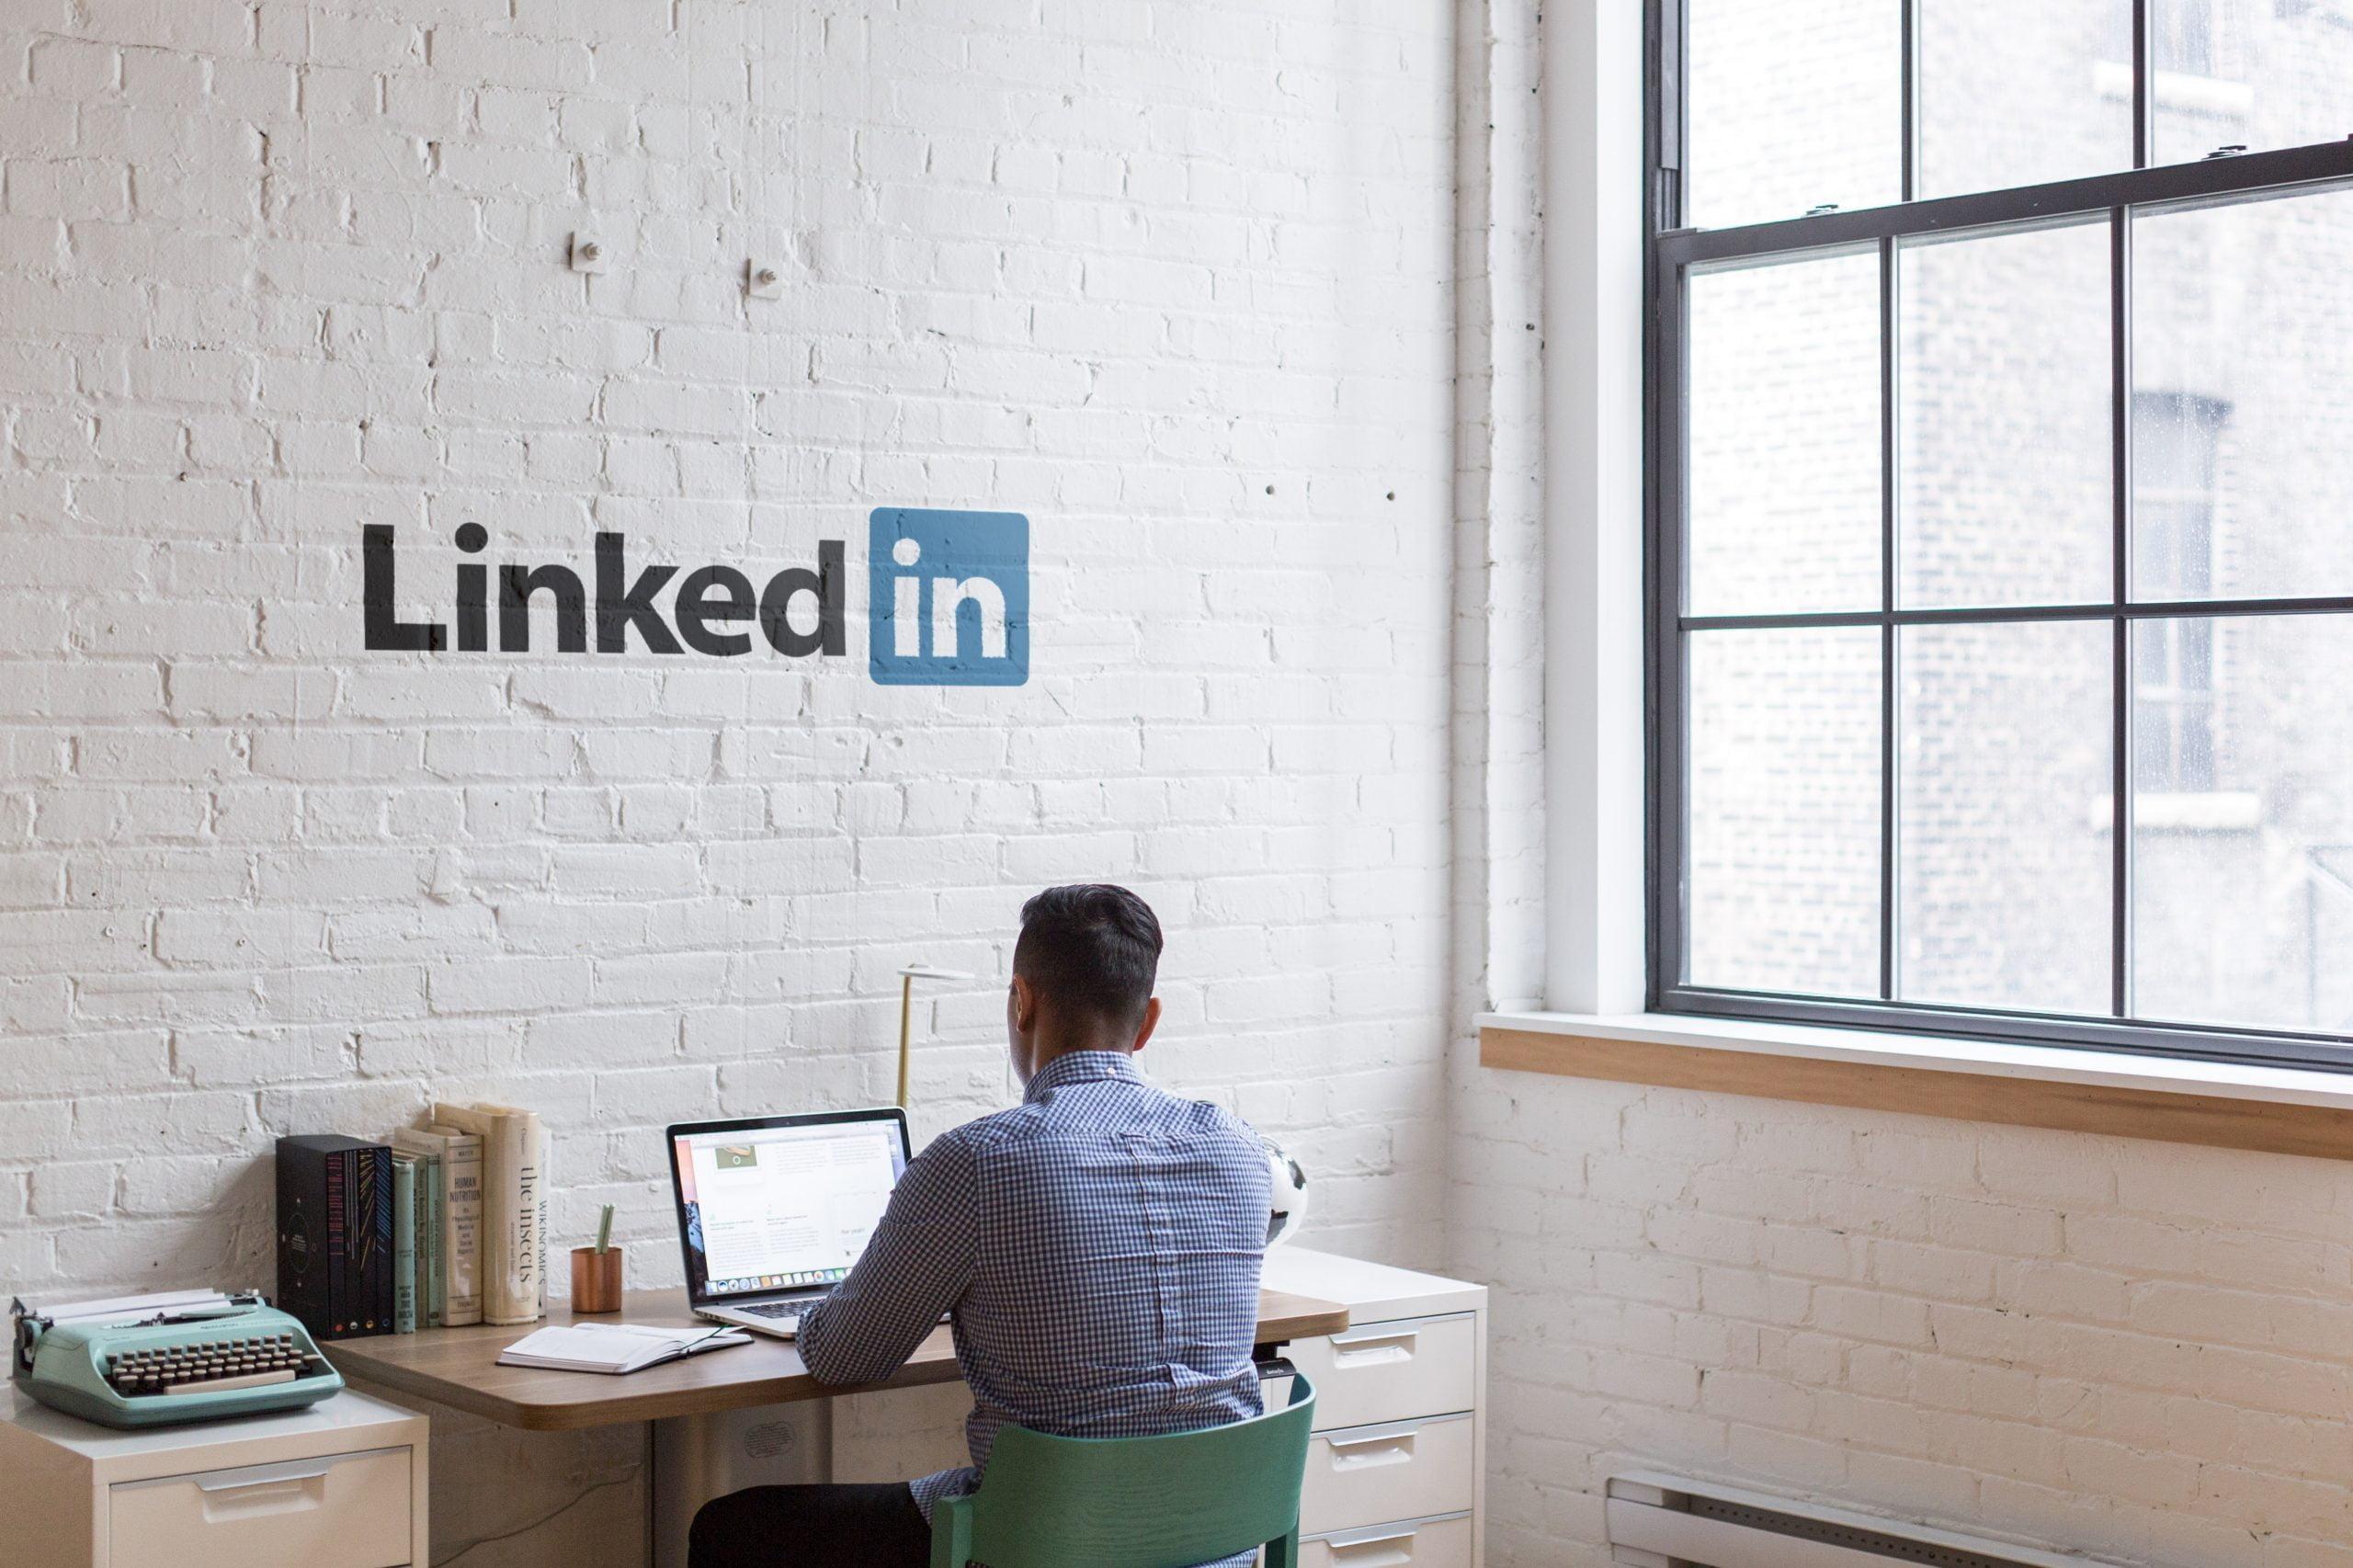 Comment mettre en place une stratégie commerciale sur LinkedIn ?